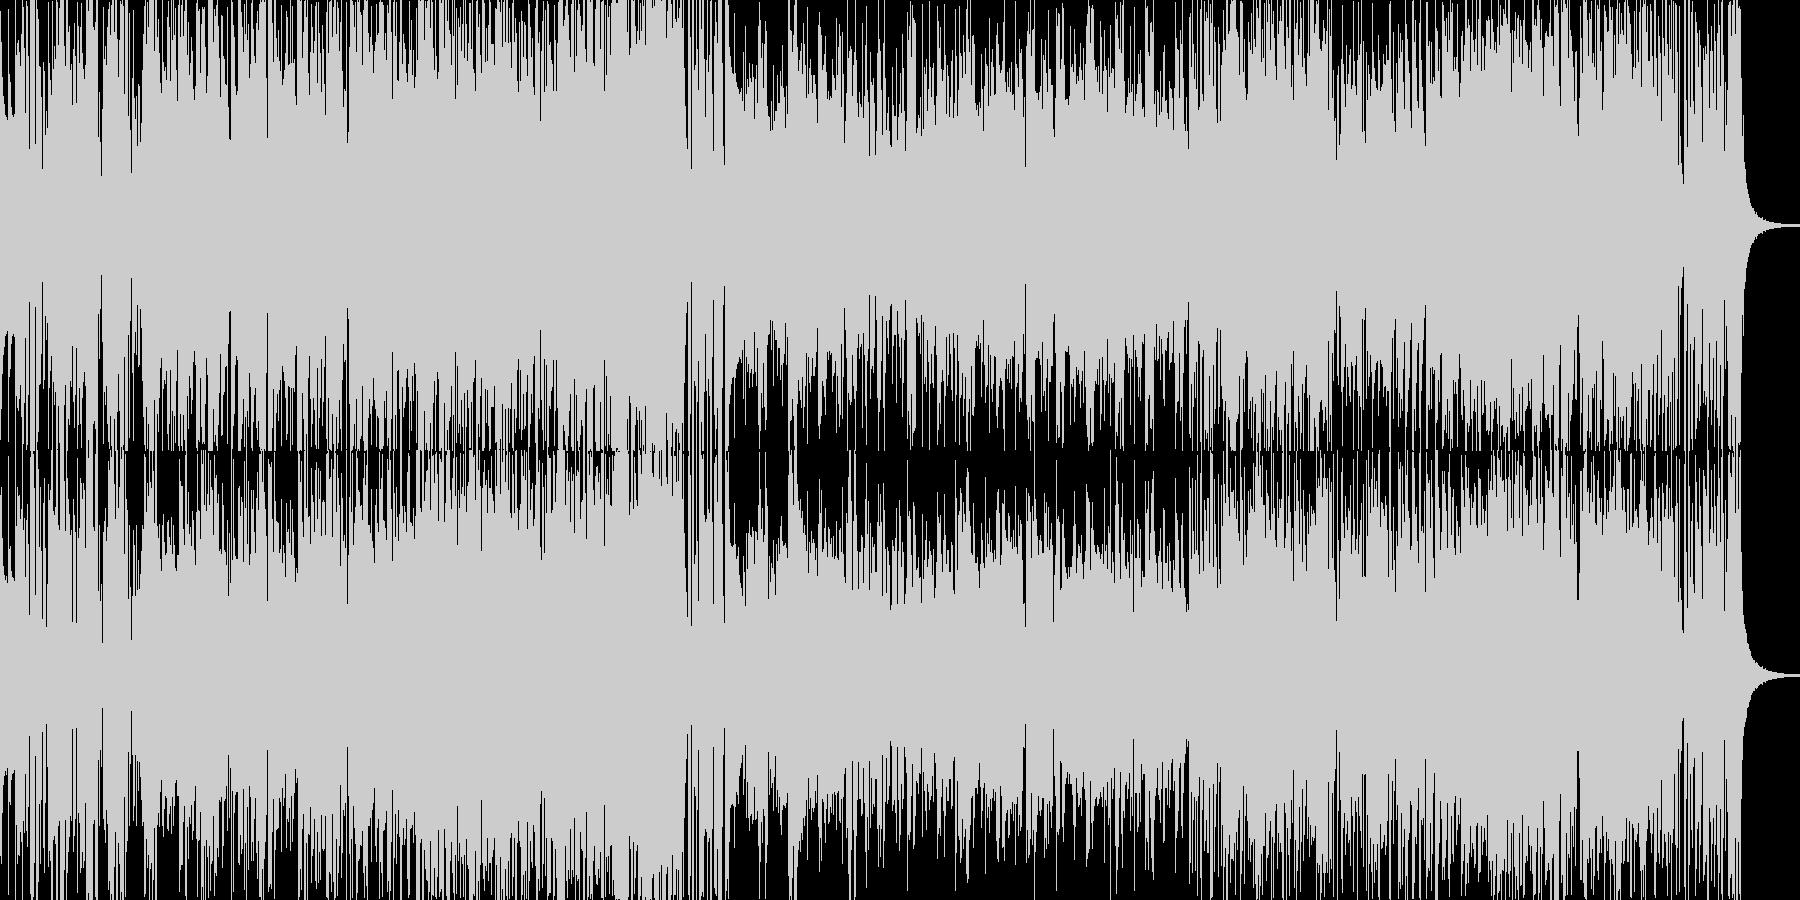 70年代風のジャズフュージョンの未再生の波形